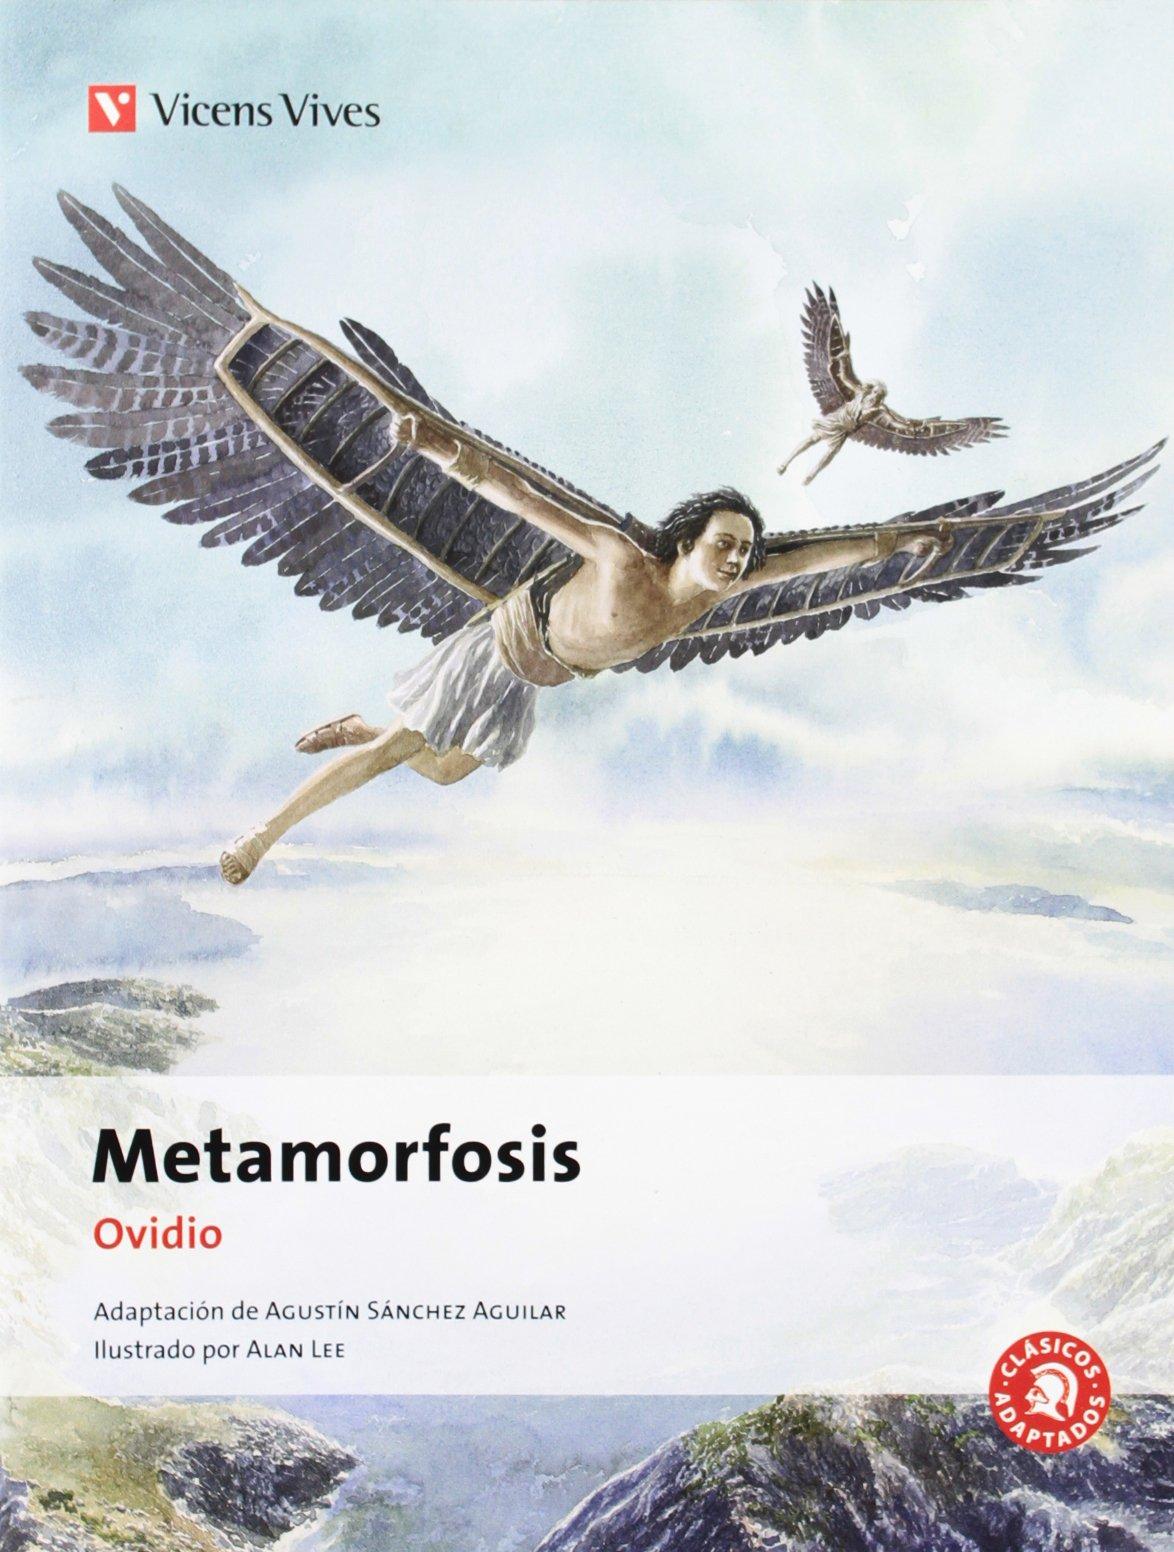 Resultado de imagen de metamorfosis ovidio